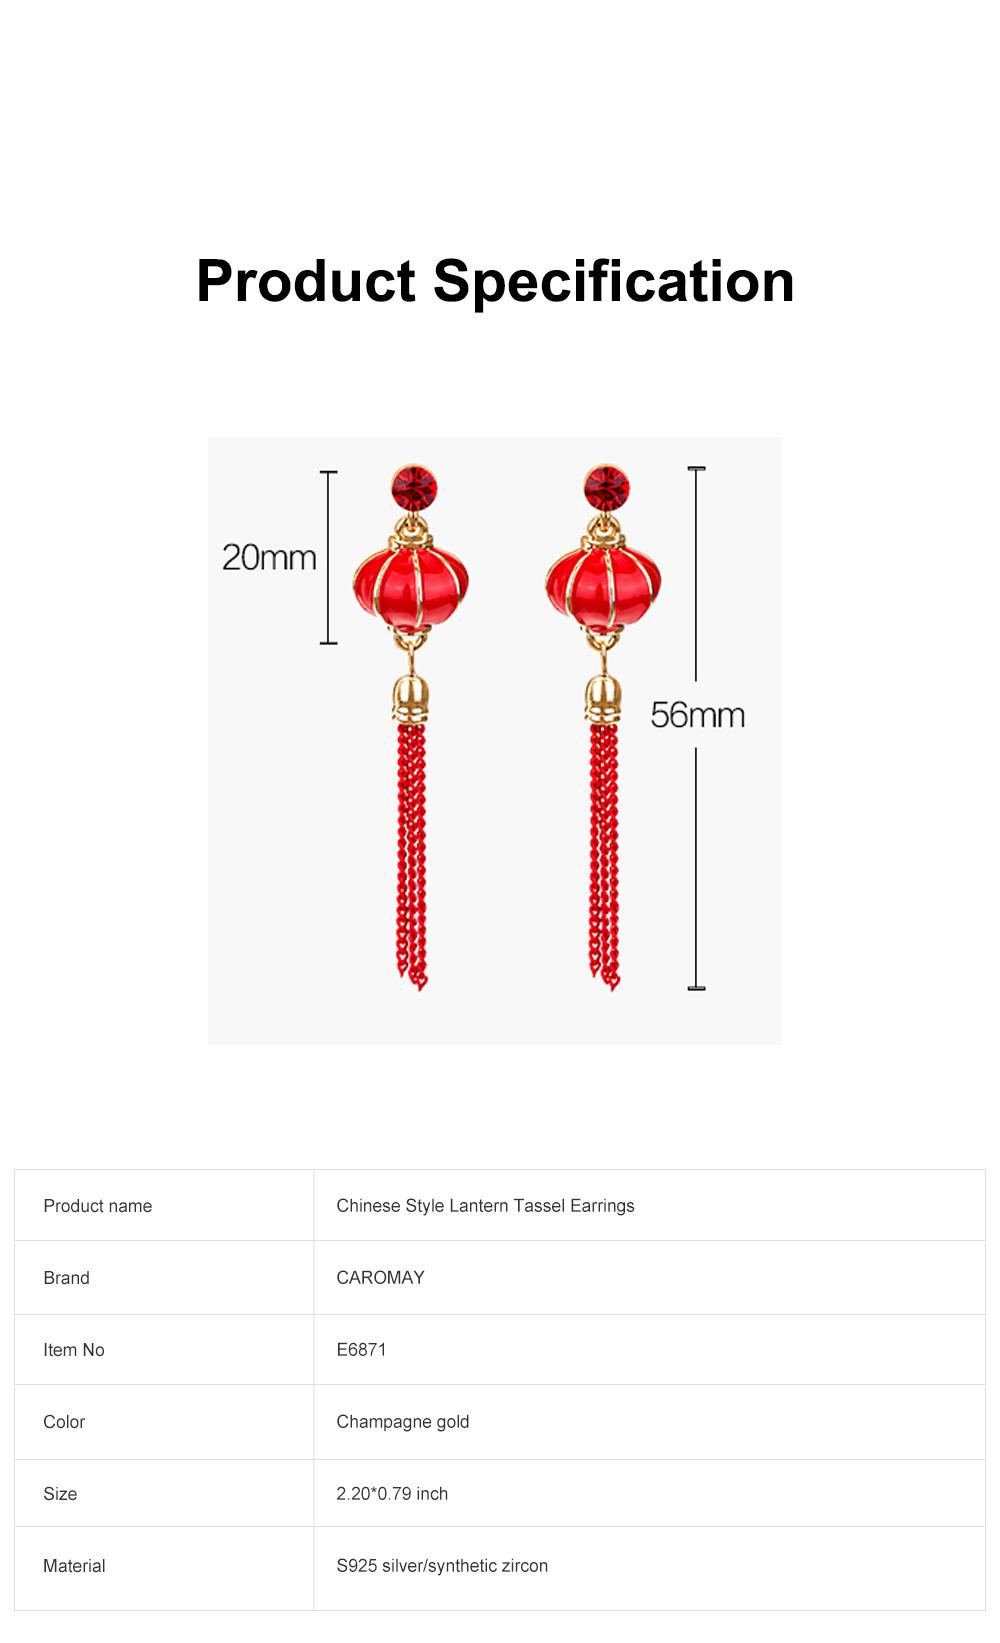 Chinese Lantern Dangle Earring Love Lucky Lantern Drop Earrings Dangle Vintage Ear Jewelry for Women Girls 6